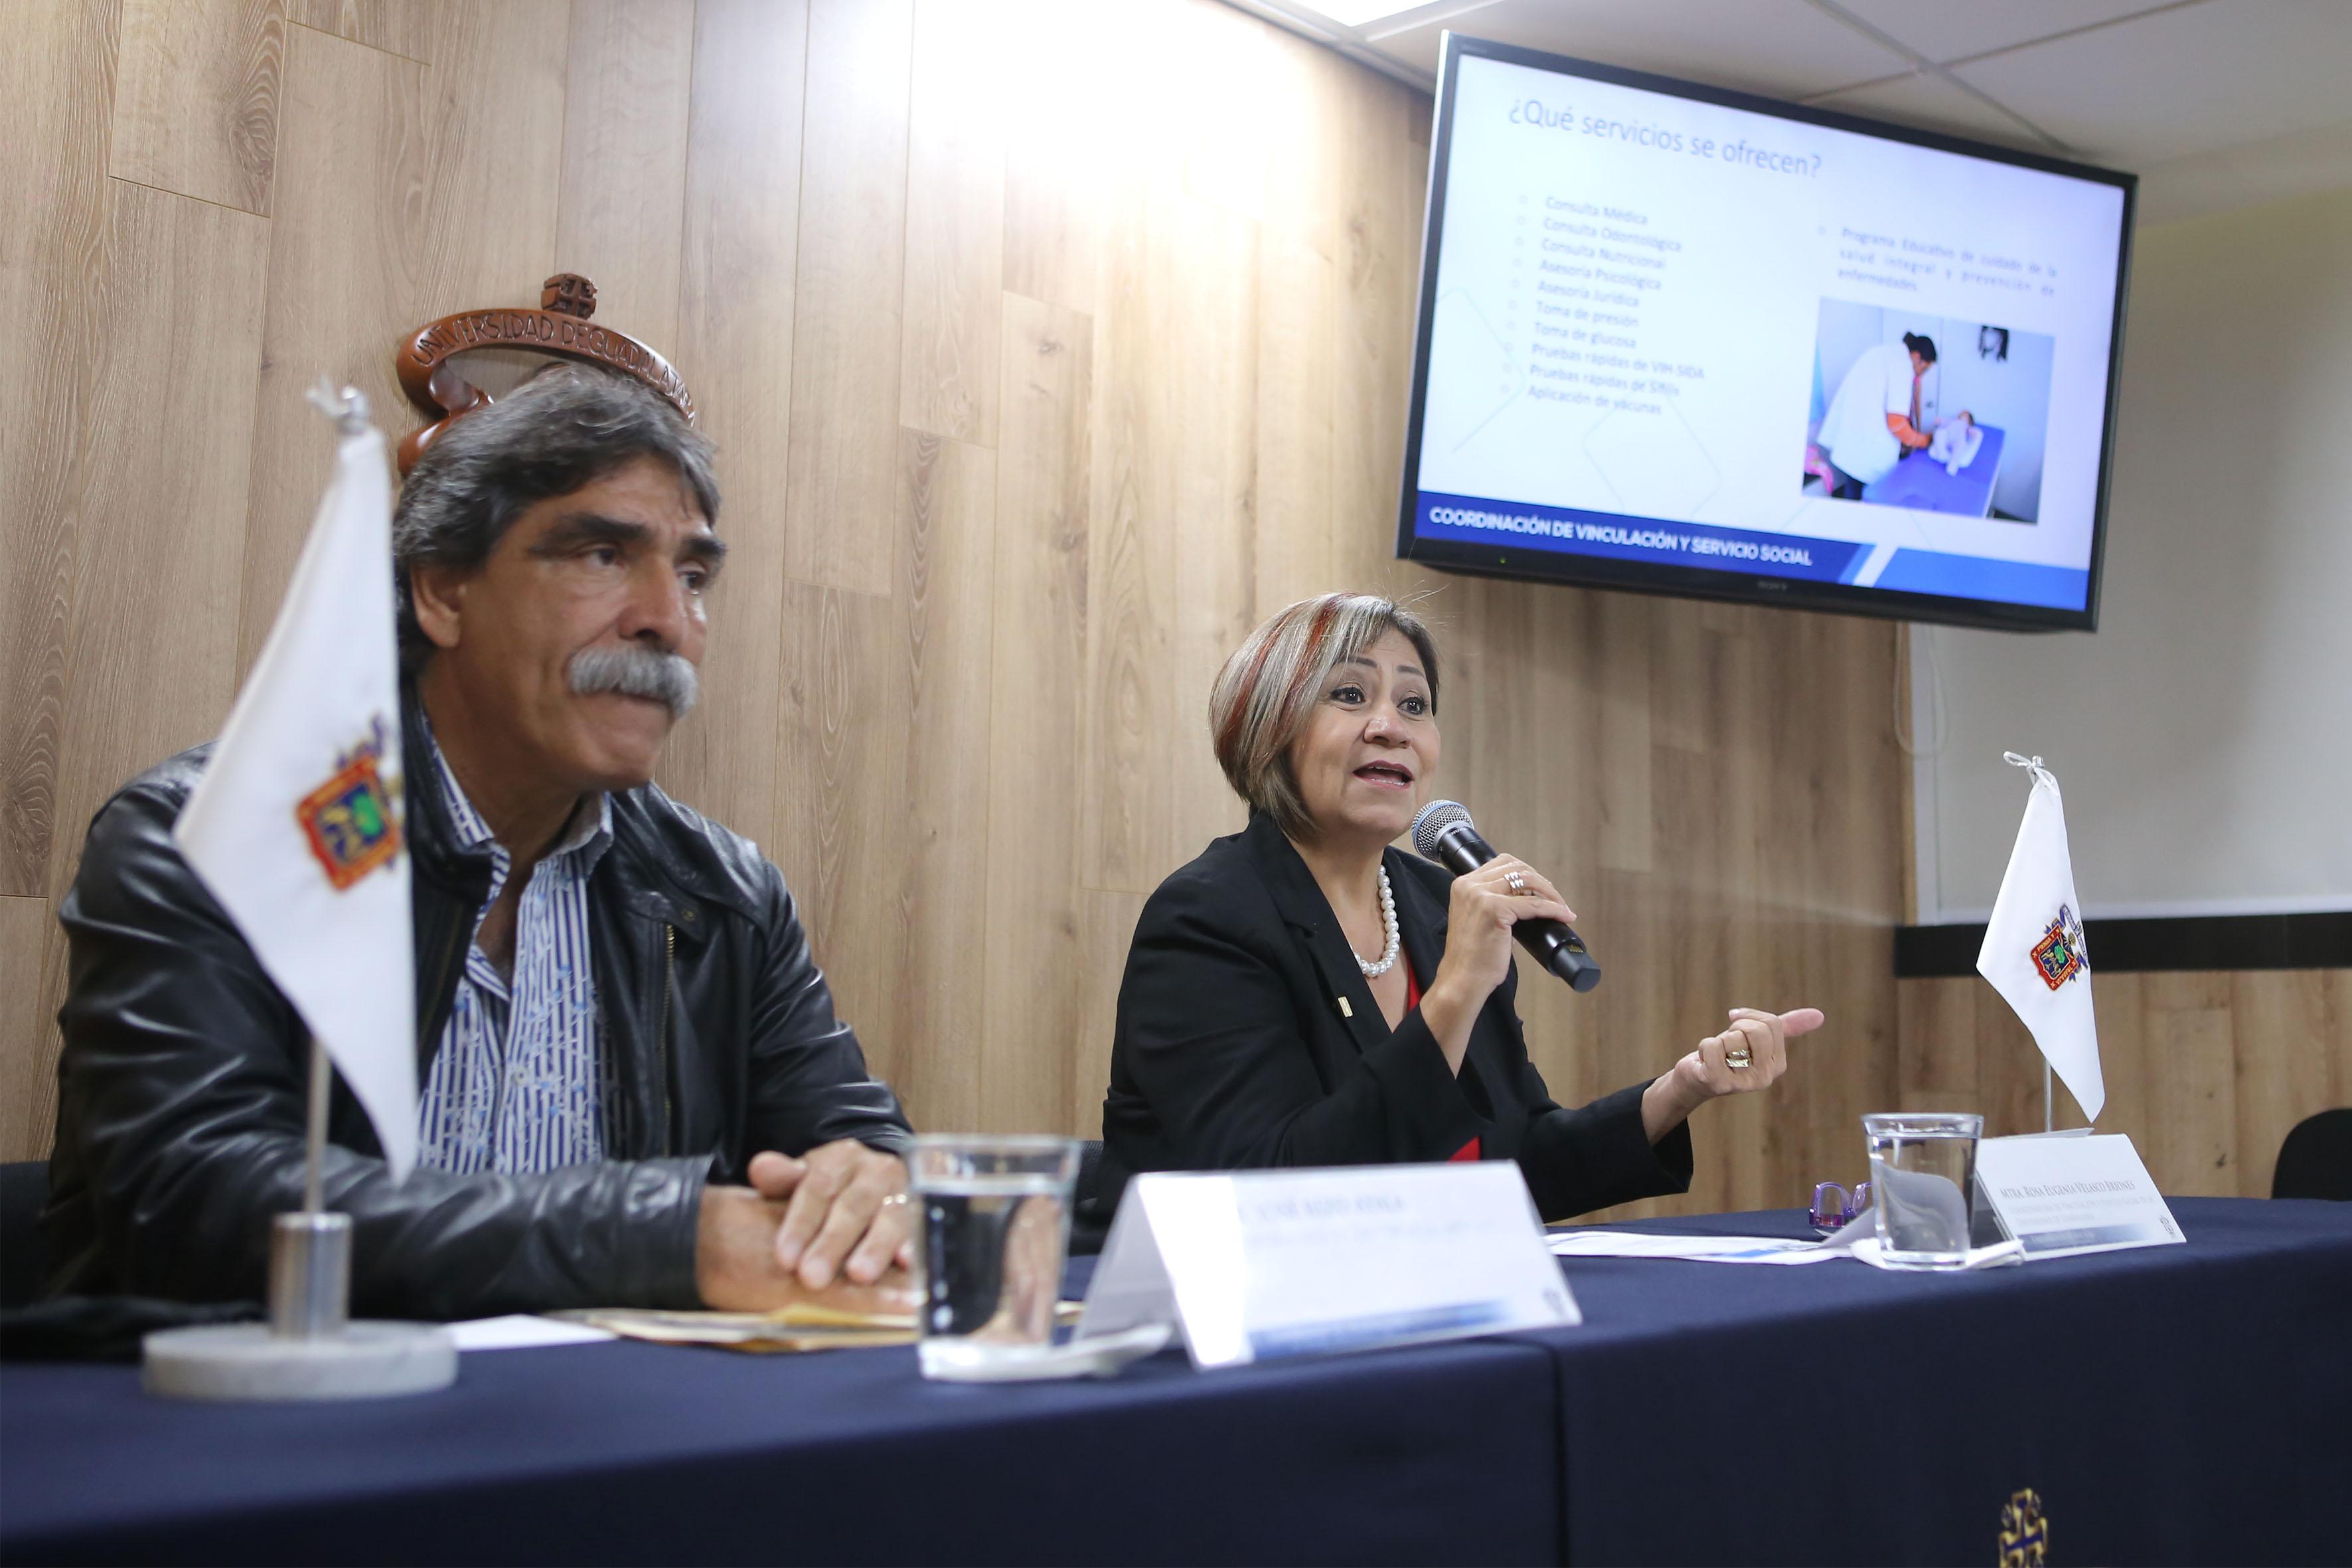 Rueda de prensa para presentar avances de las Brigadas Móviles de Atención Comunitaria, organizada por la Unidad de Servicio Social, adscrita a la Coordinación de Vinculación de Servicio Social (CVSS).